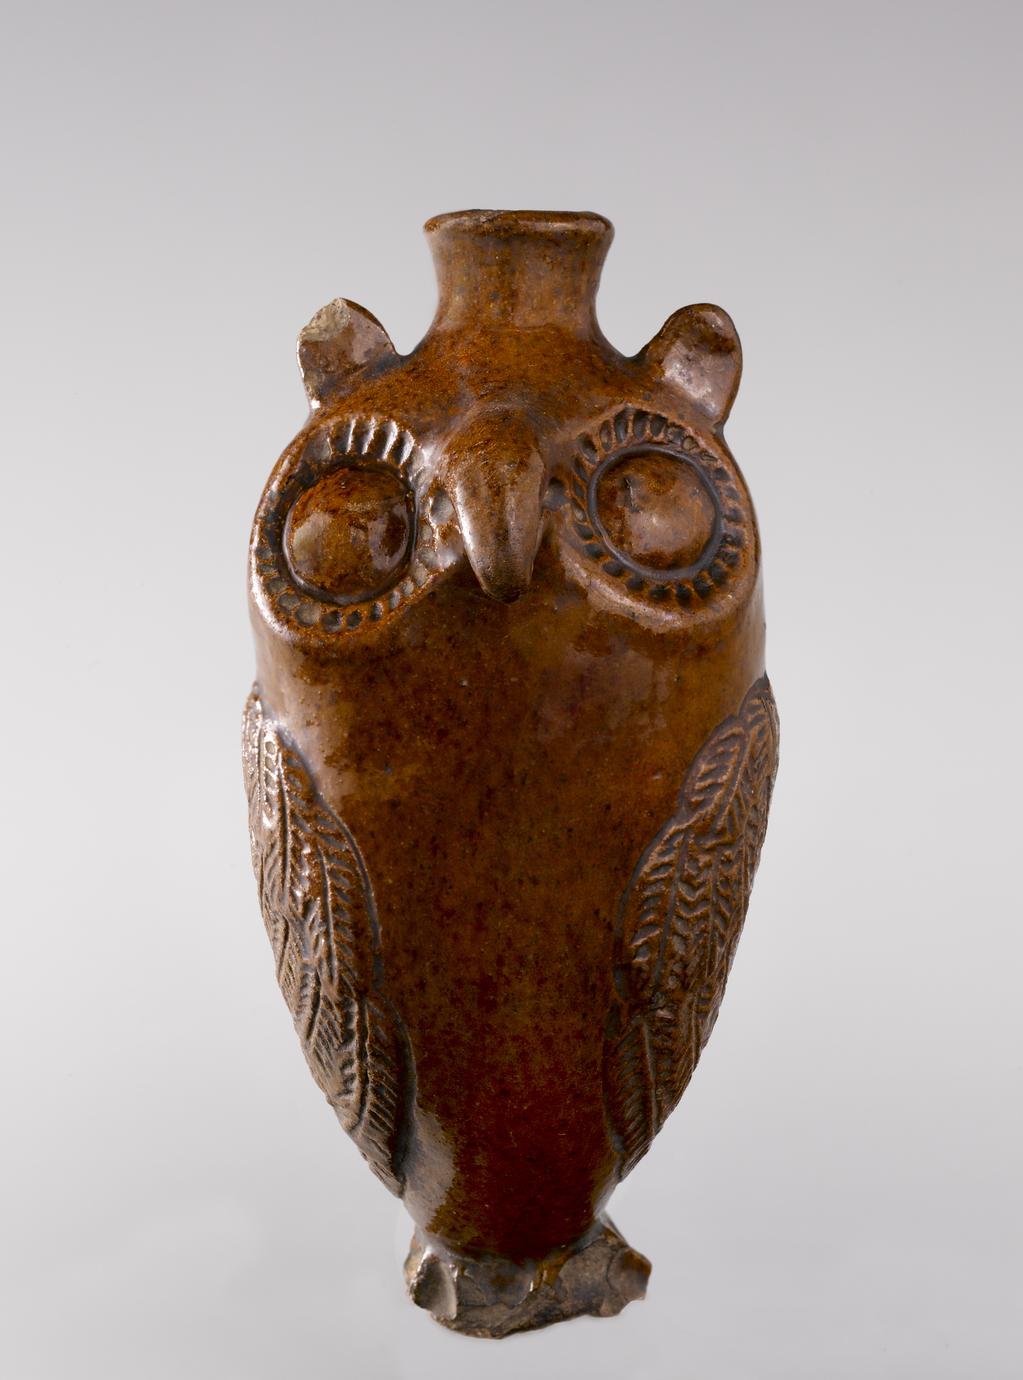 Owl bottle (1 of 2)